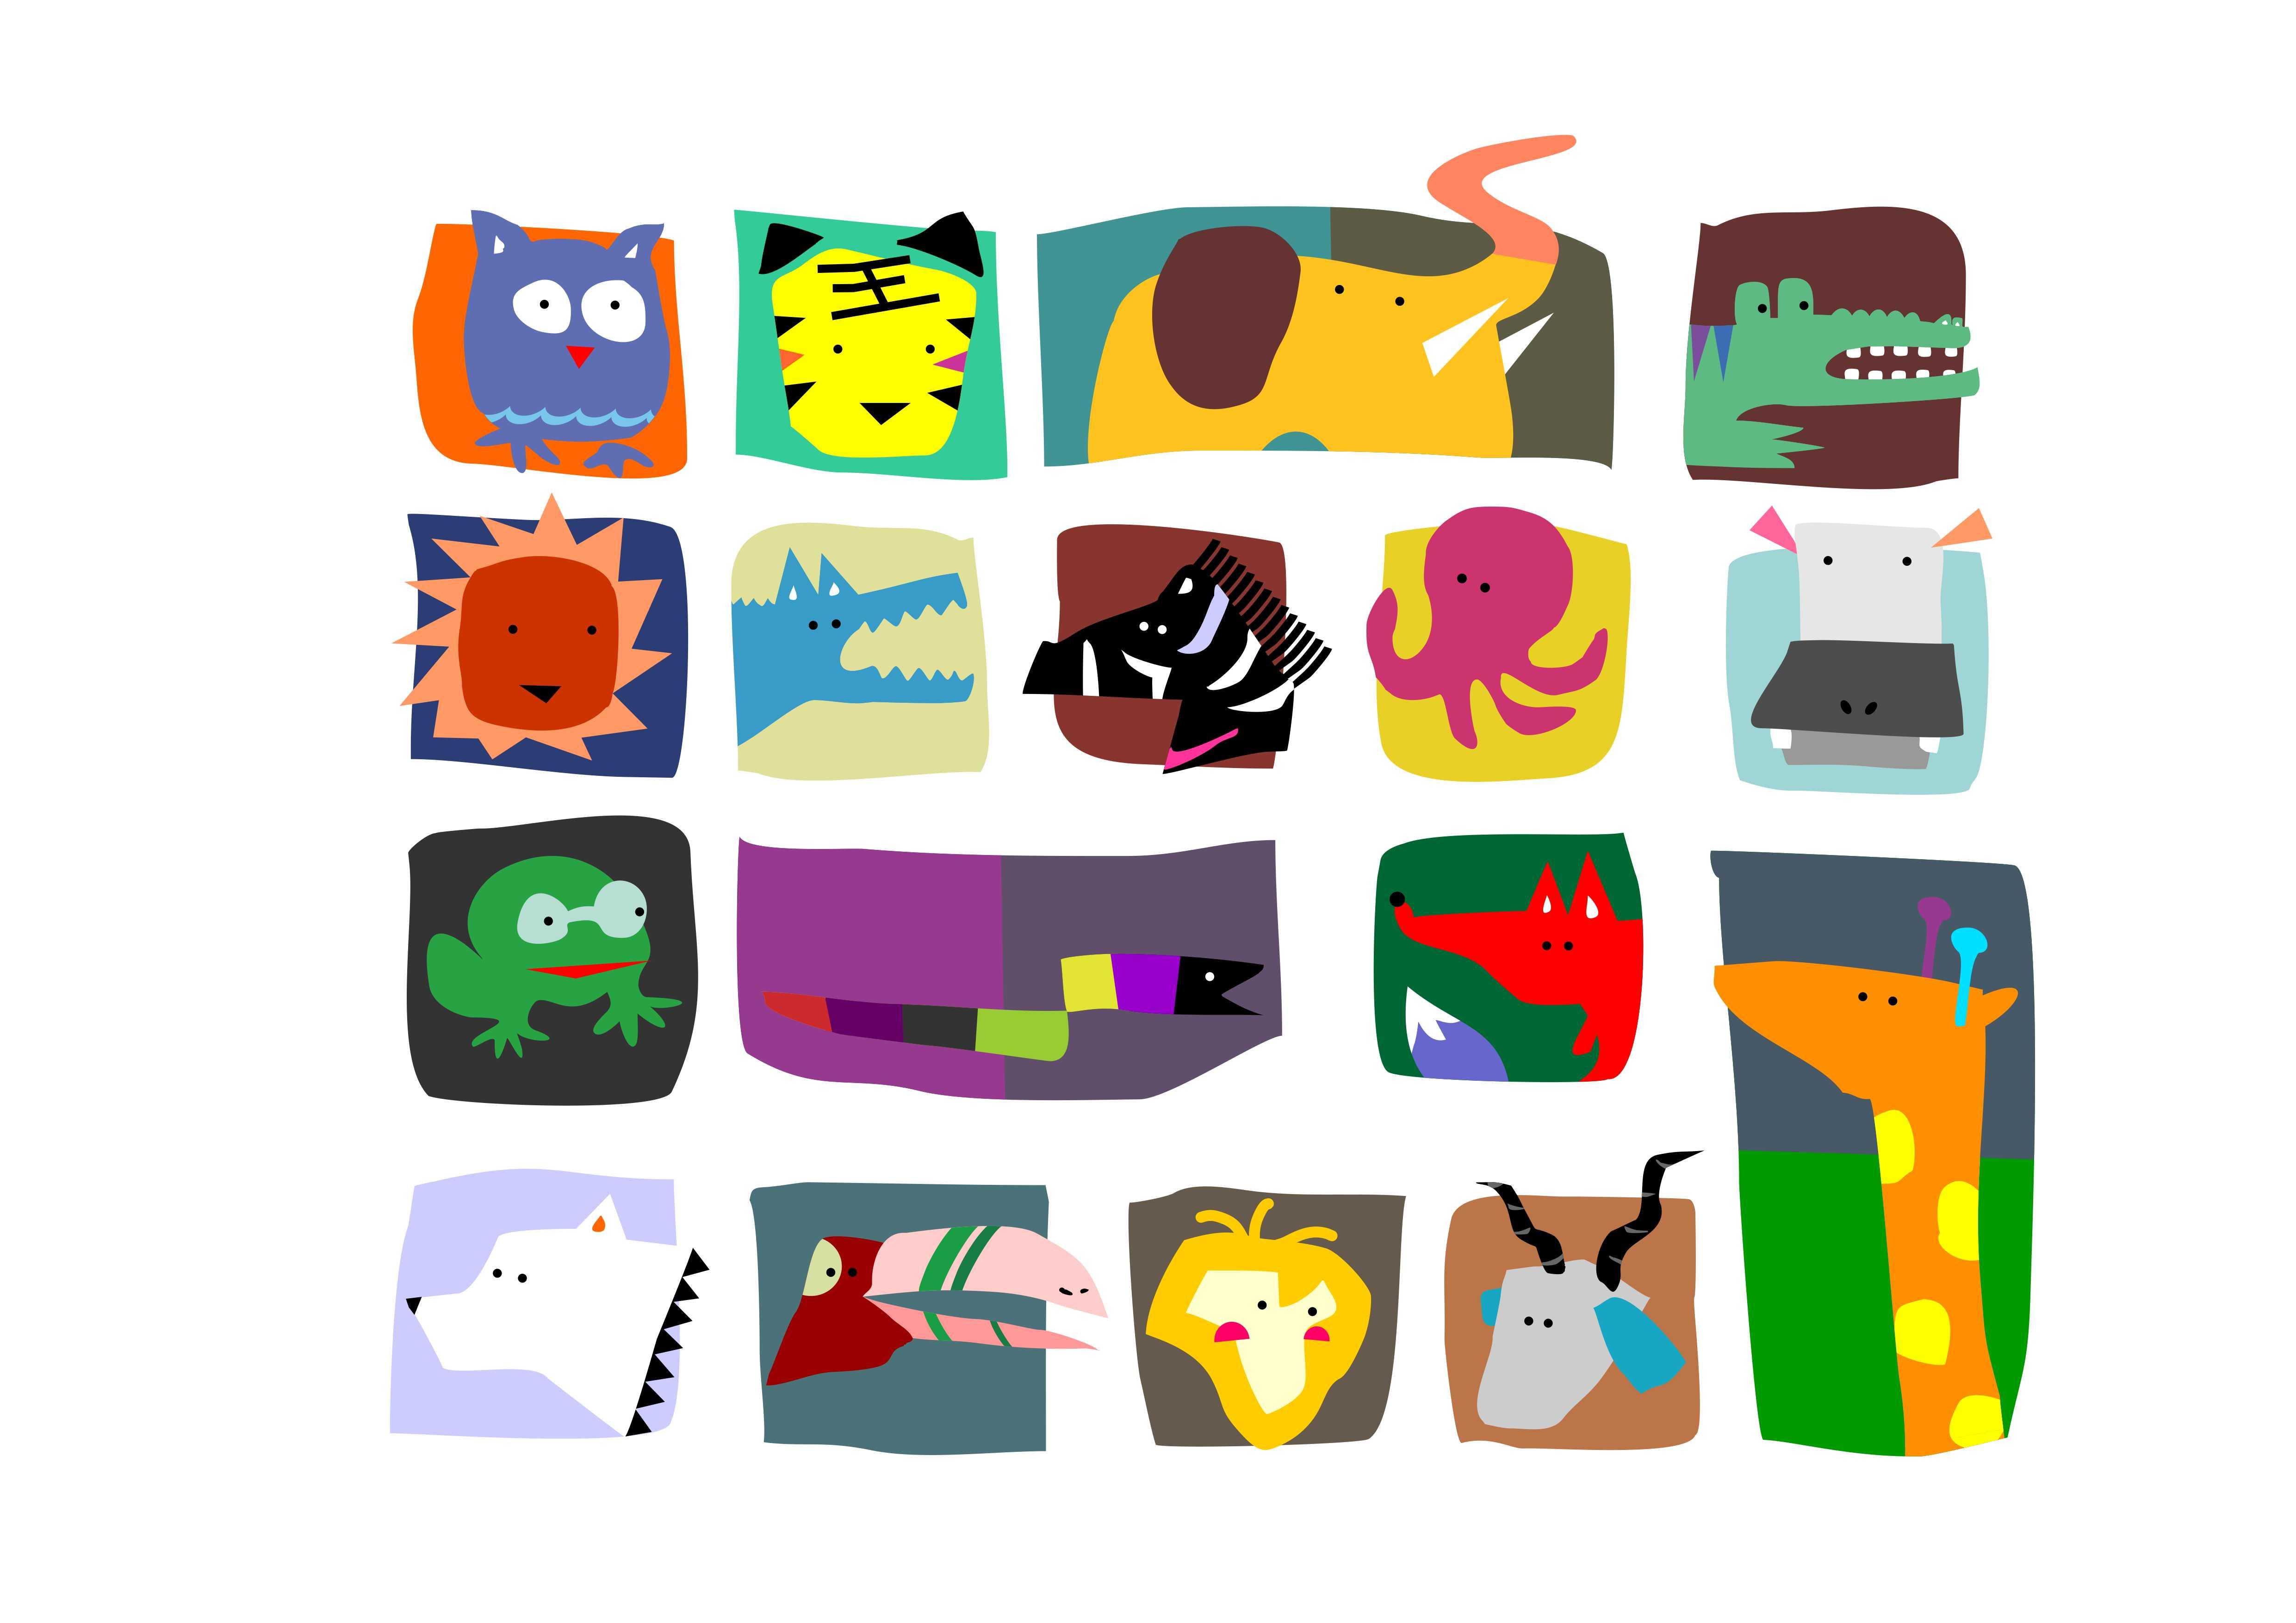 帮忙找素材图,上面有很多动物的平面形状图拼在一起的图片